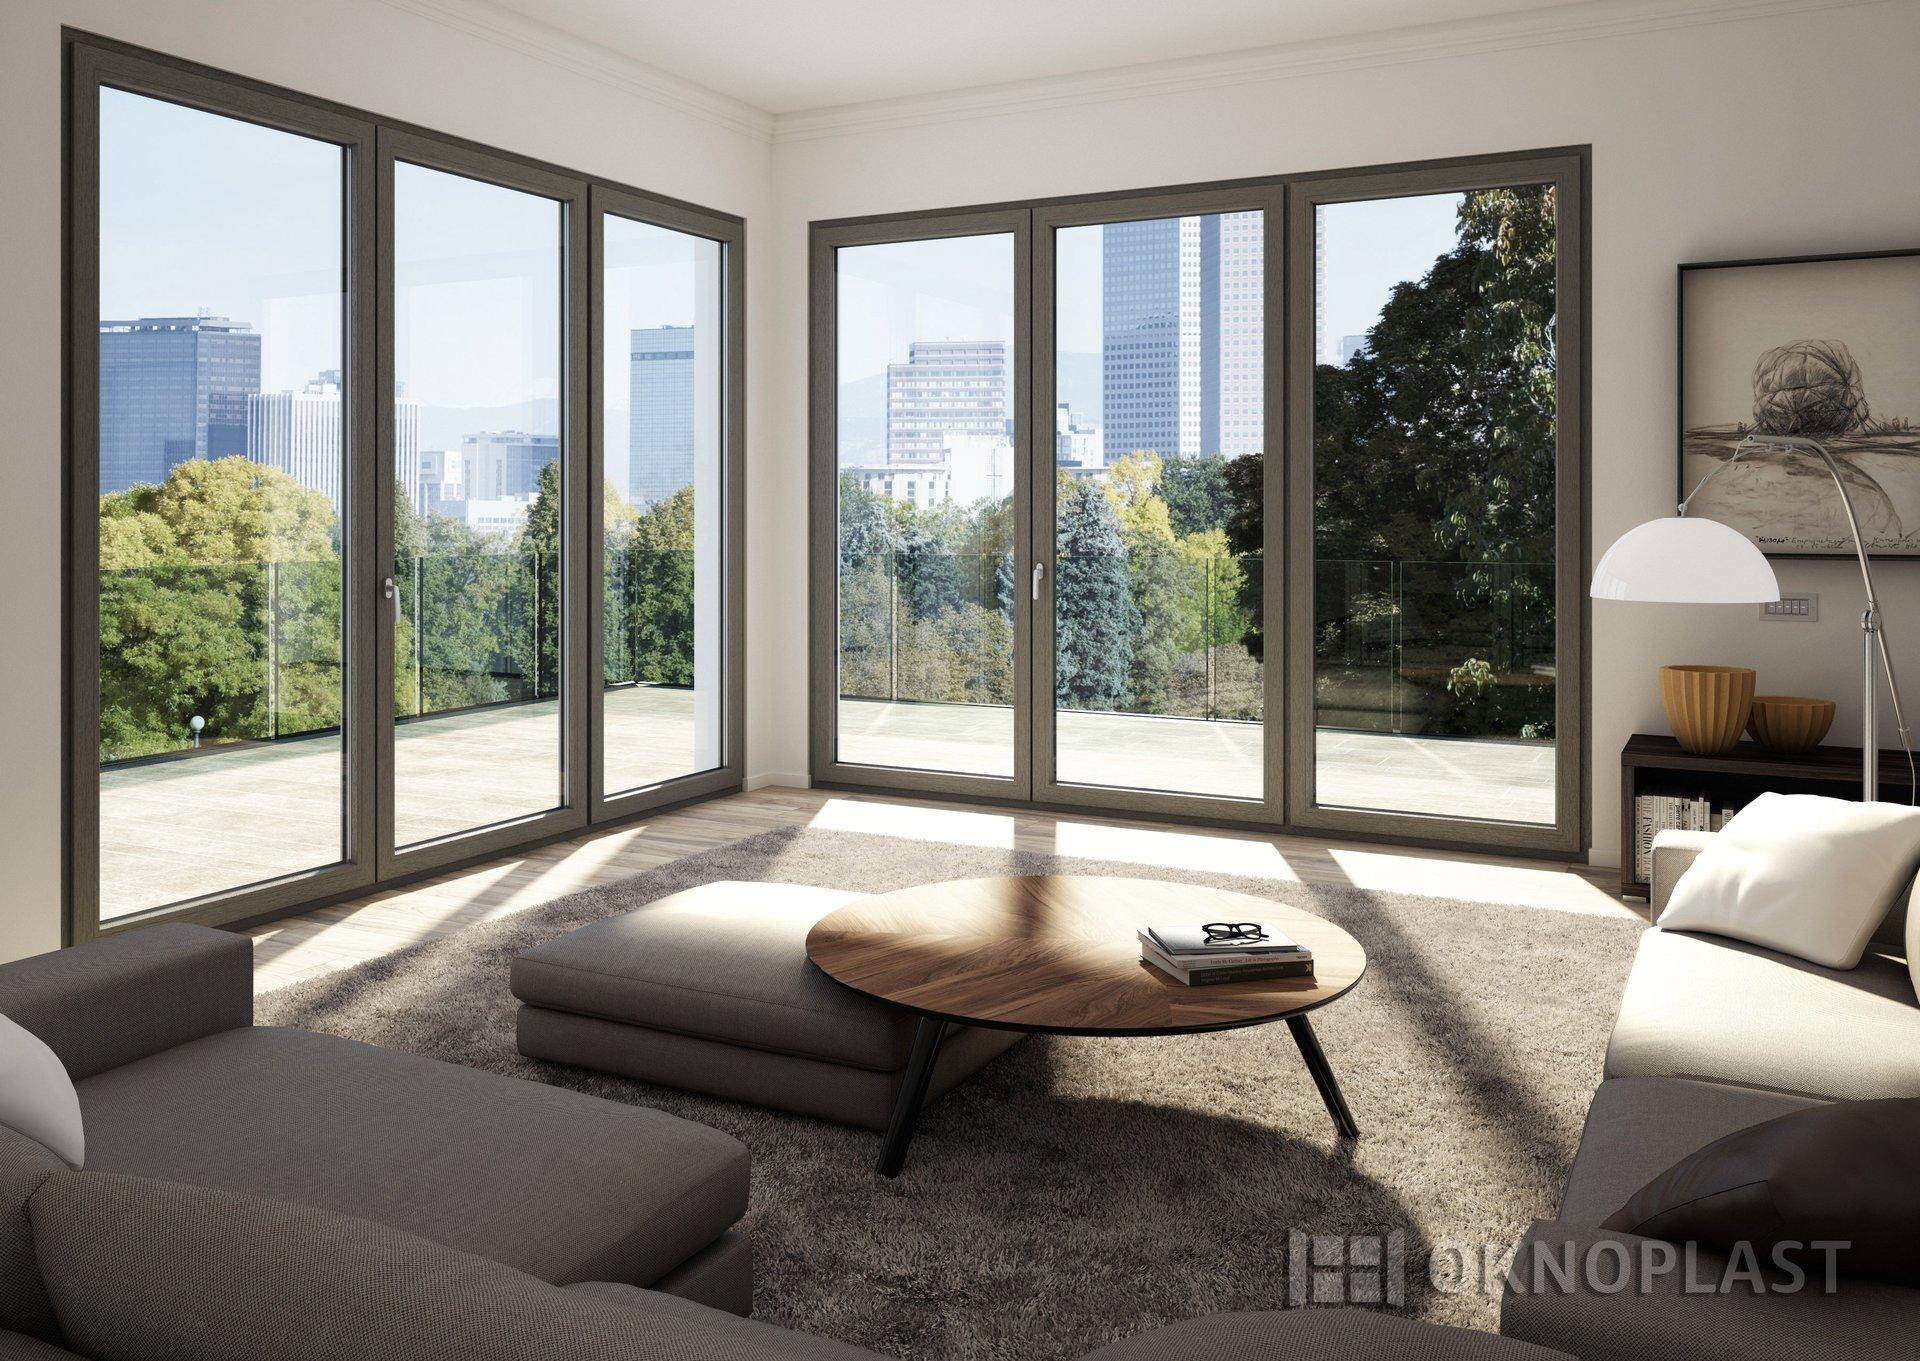 arredamento di soggiorno moderno con infissi in PVC